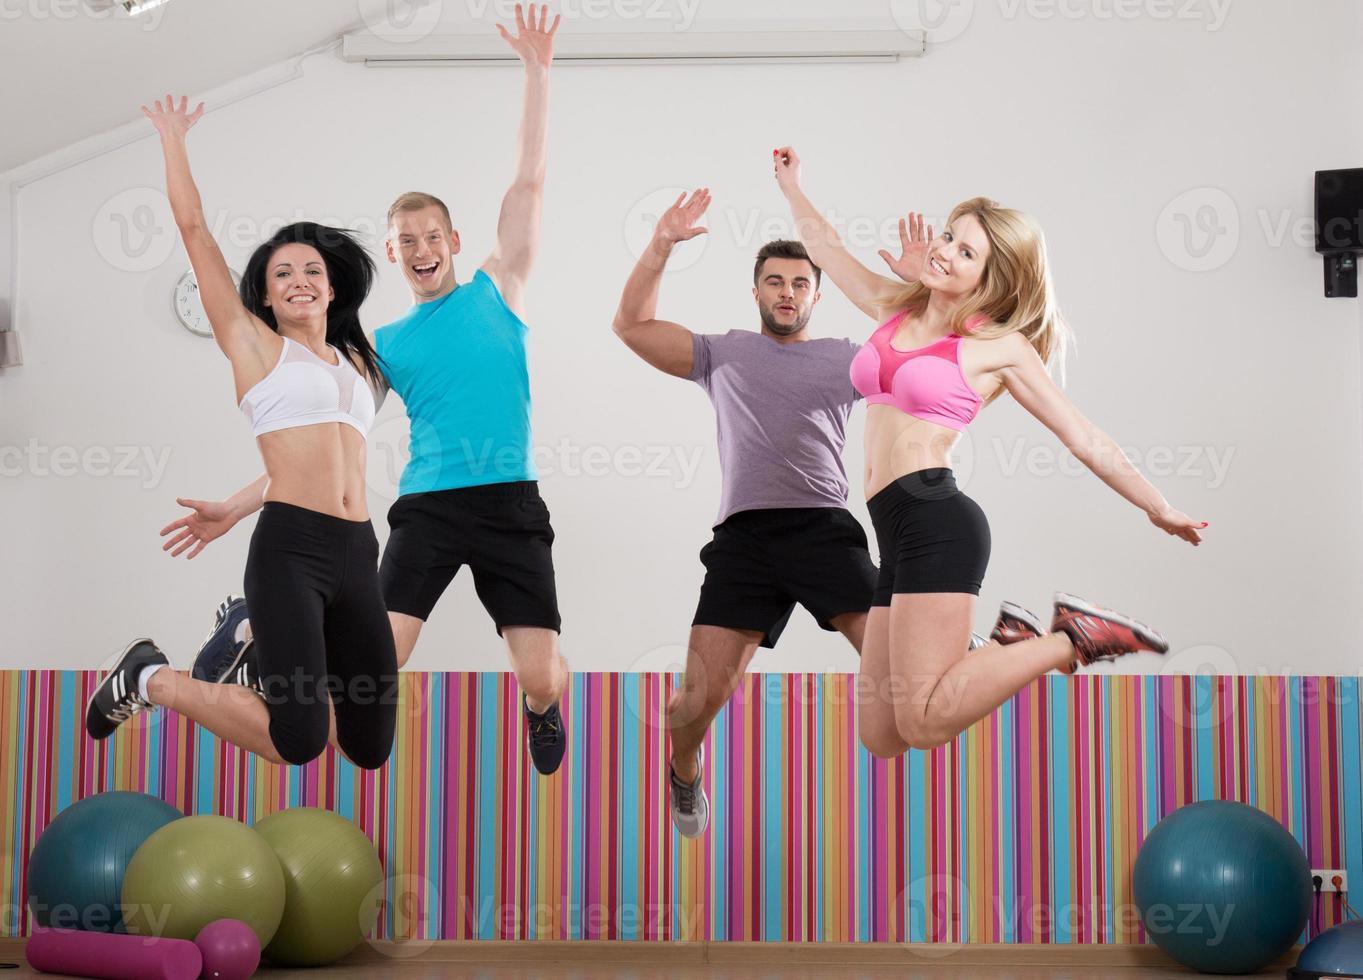 squadra di atleti felice e sorridente foto